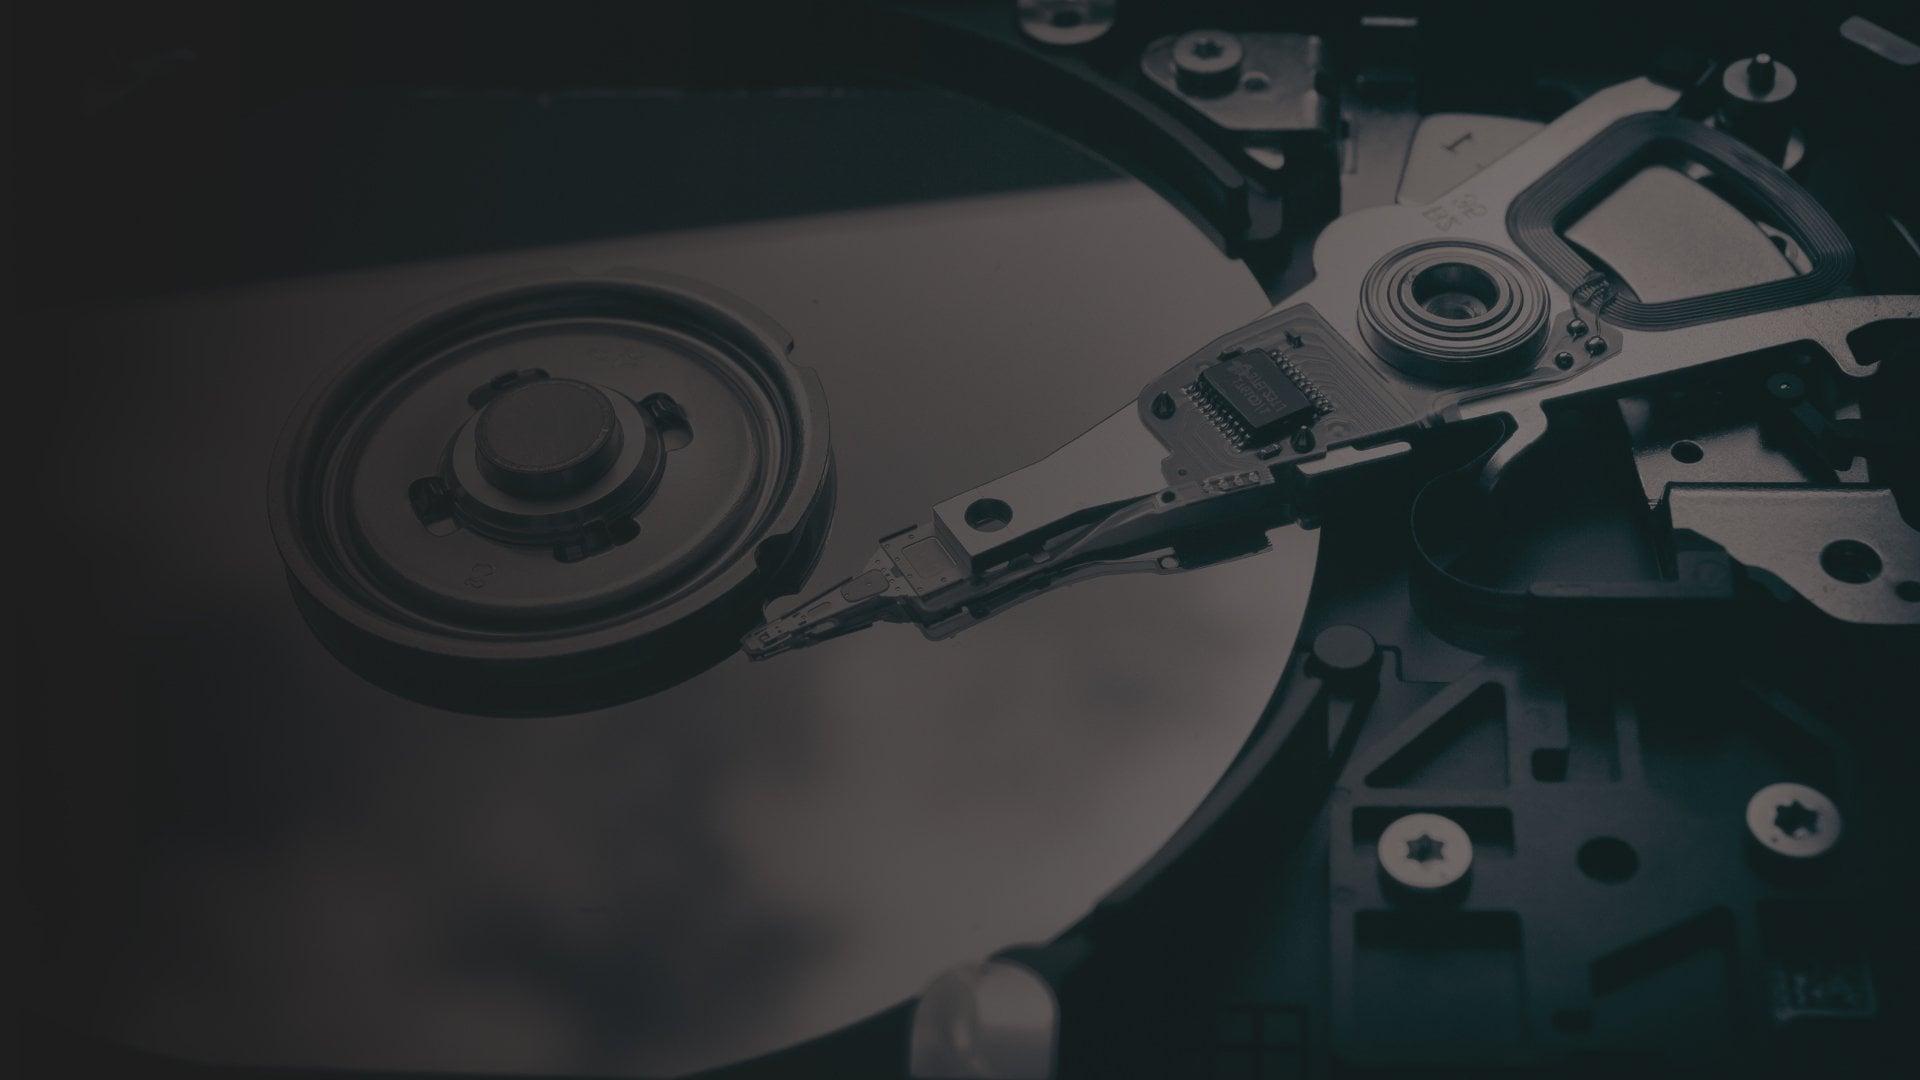 usługi informatyczne wadowice, bezpieczeństwo danych wadowice, serwis komputerów